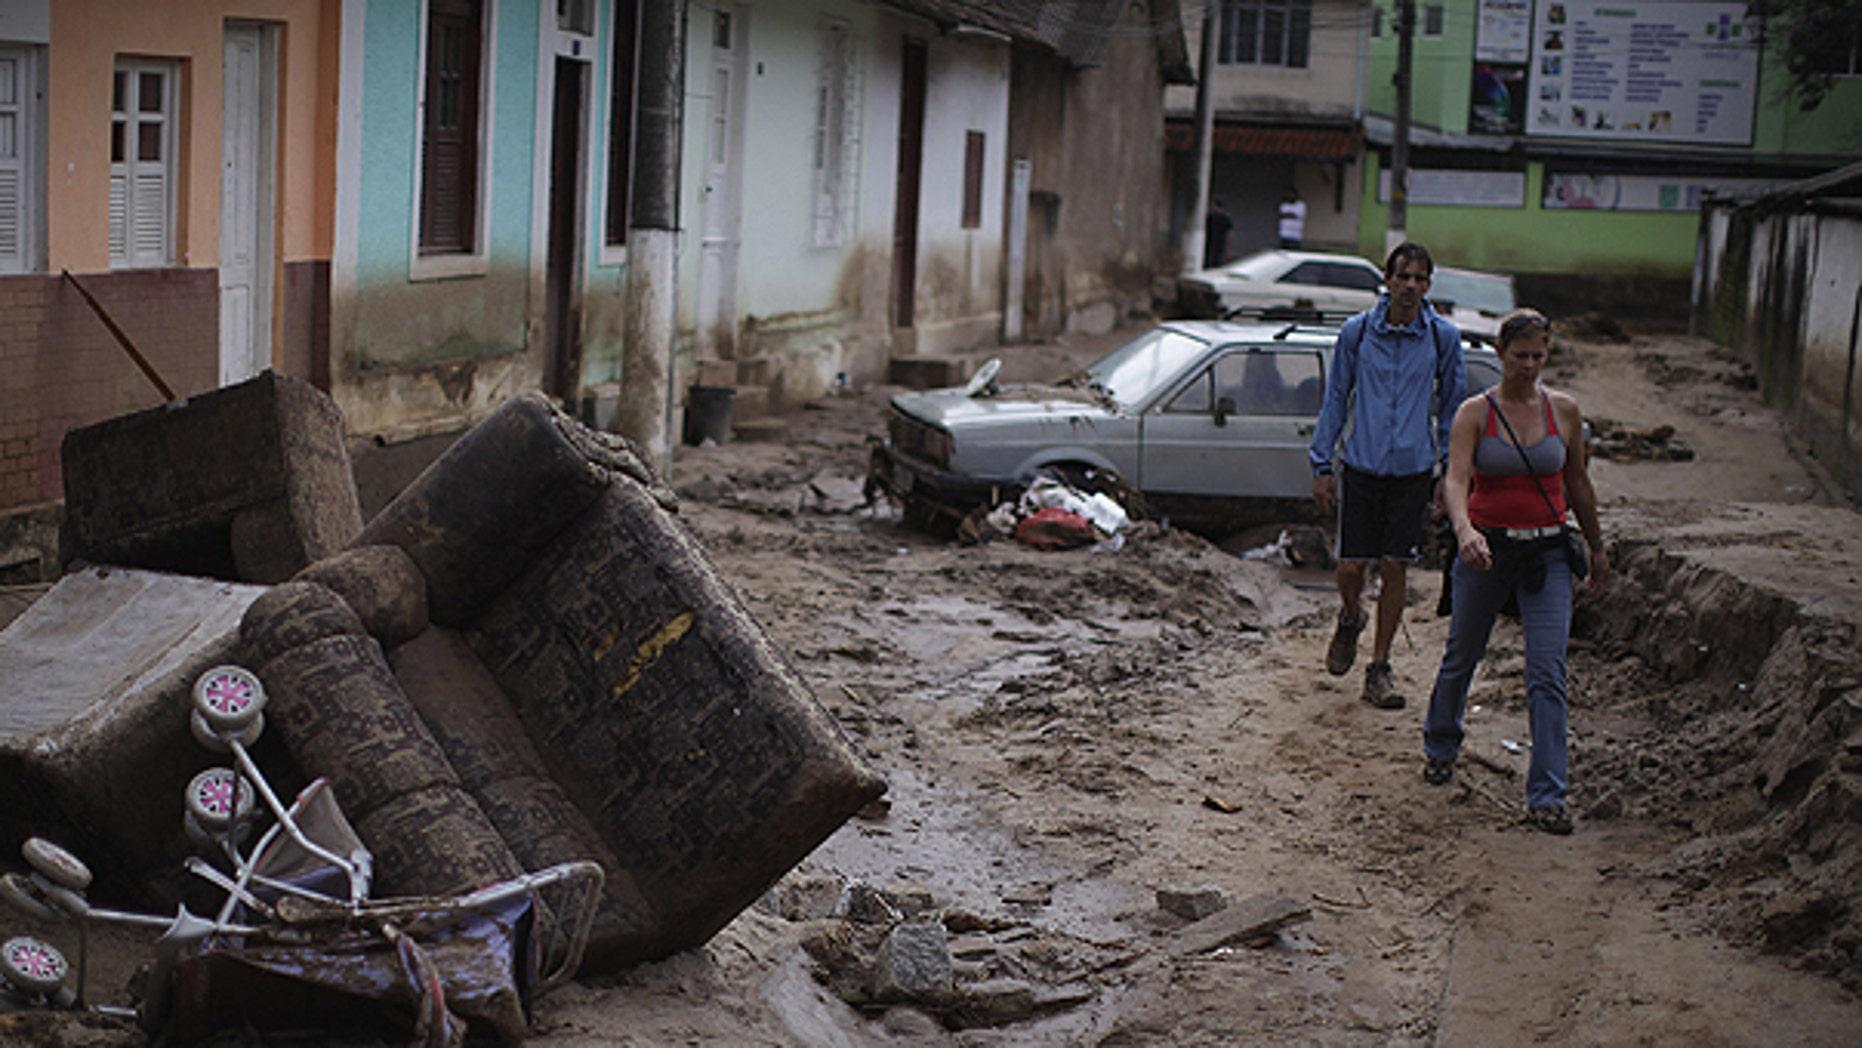 Jan. 15: People walk among debris at a street after landslides in Nova Friburgo, Brazil.